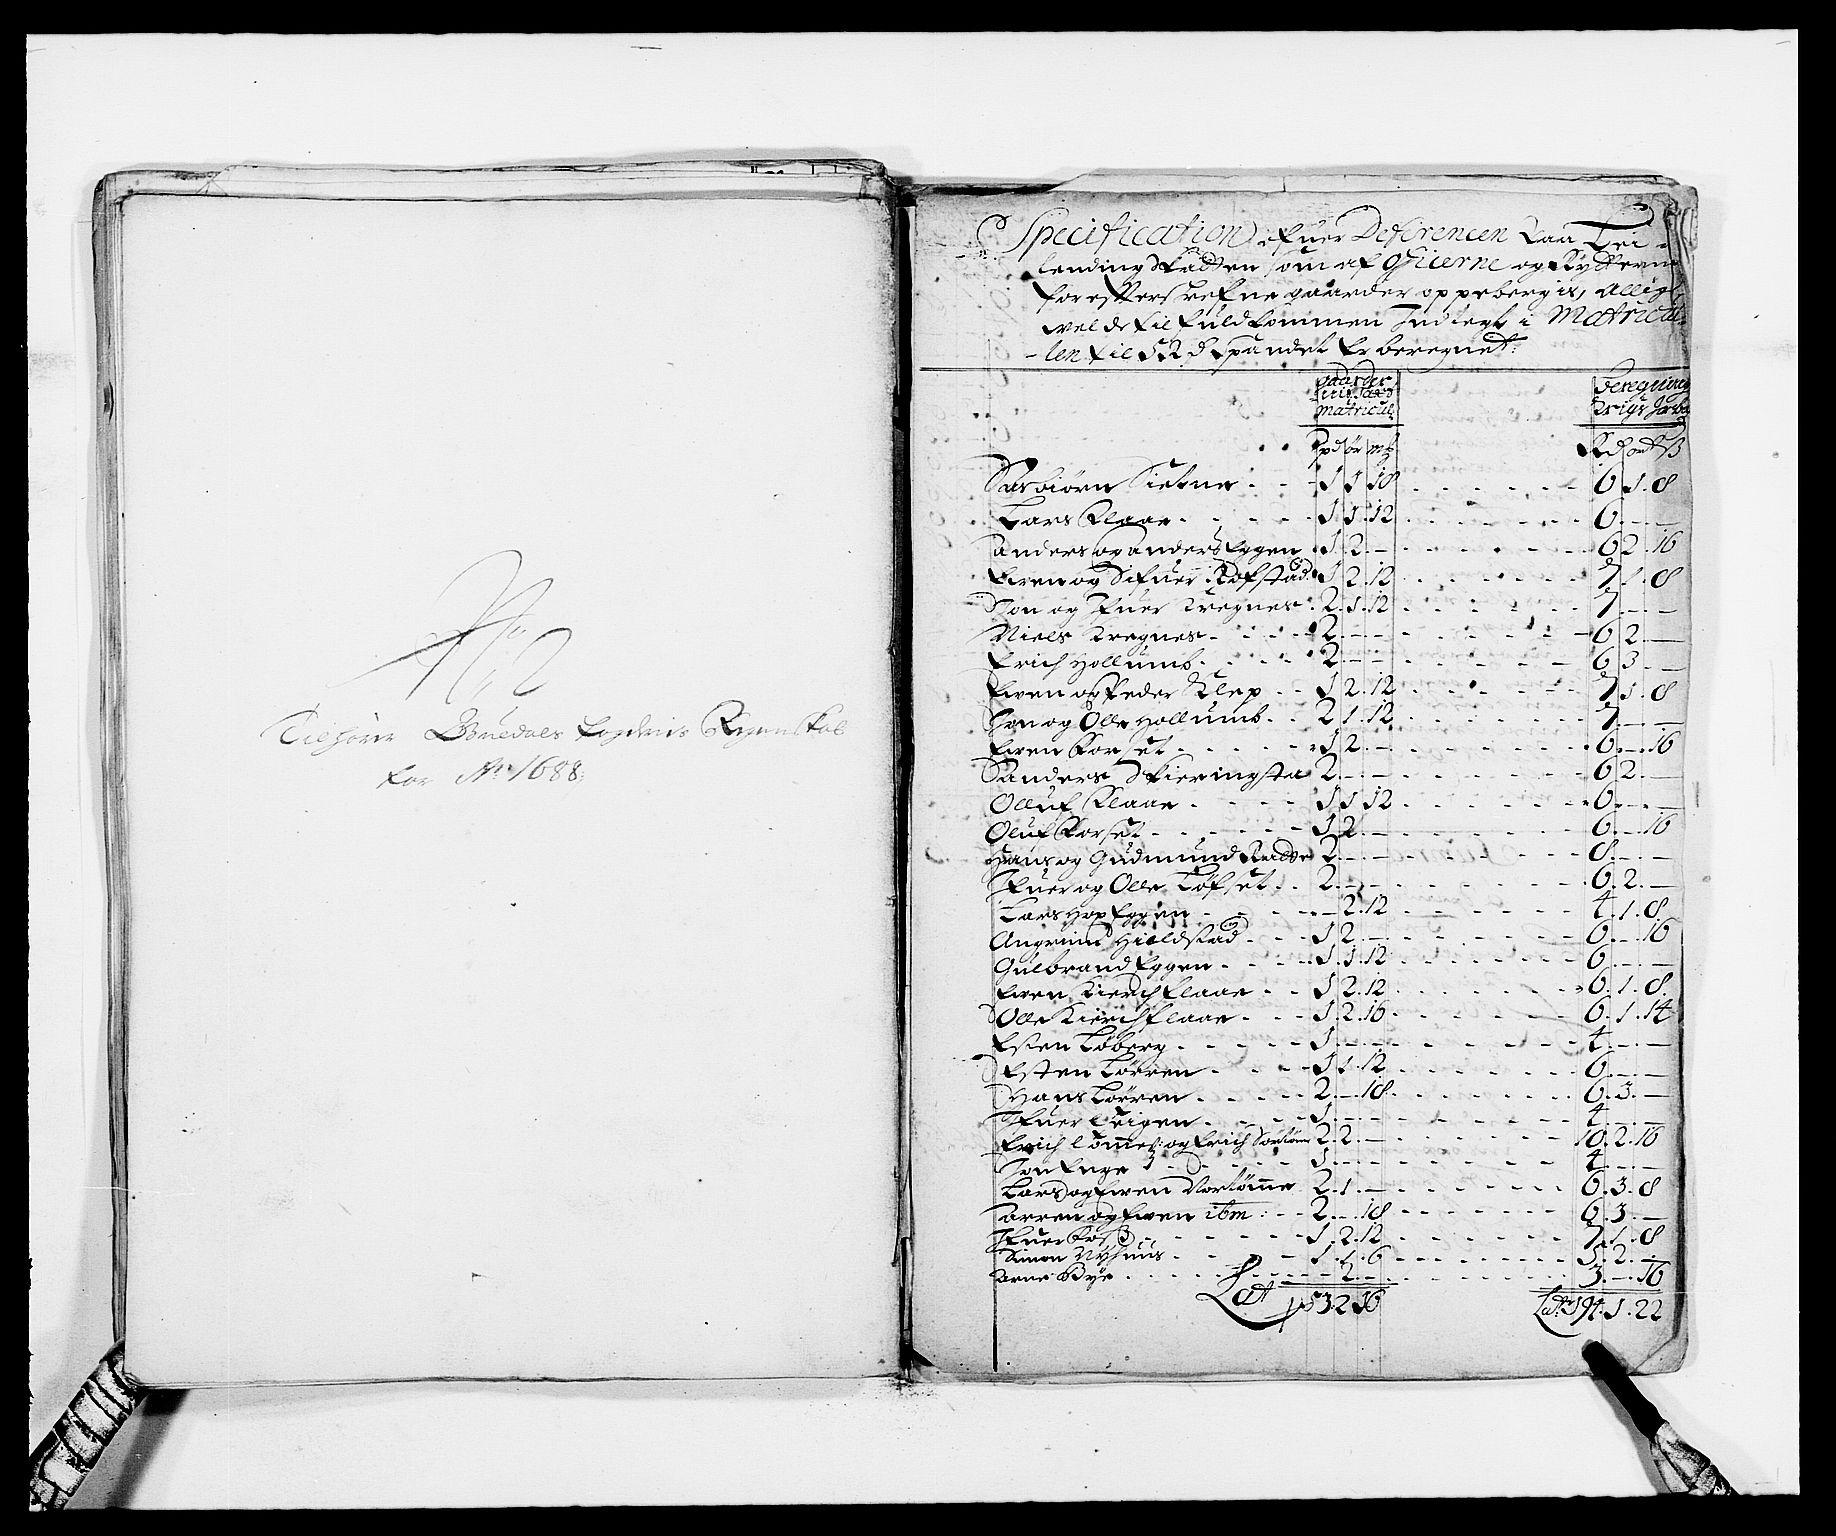 RA, Rentekammeret inntil 1814, Reviderte regnskaper, Fogderegnskap, R59/L3939: Fogderegnskap Gauldal, 1687-1688, s. 342